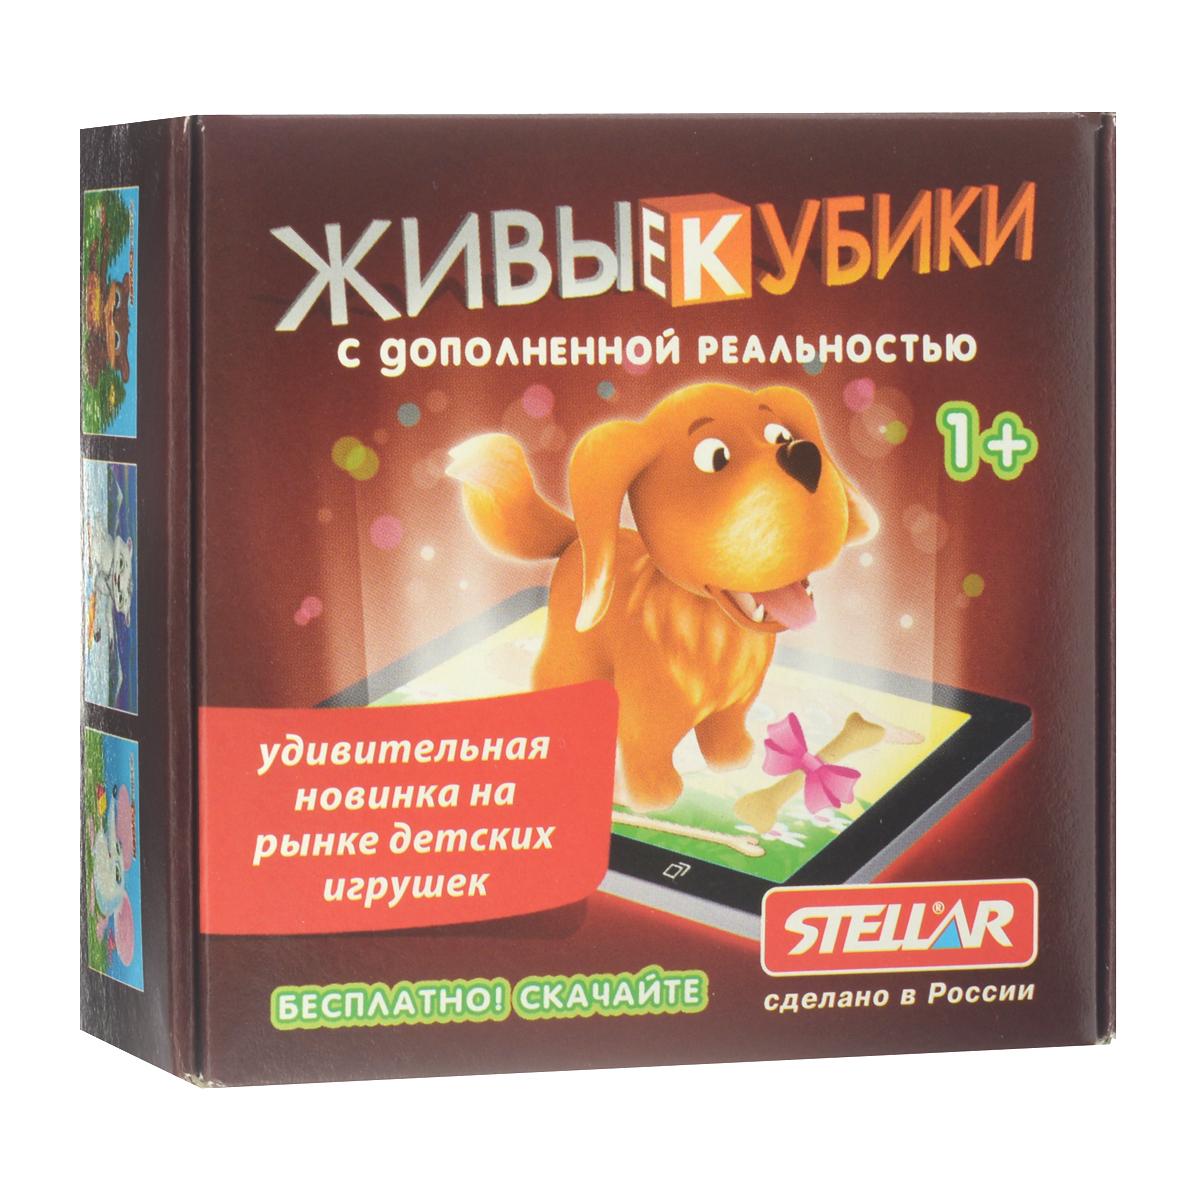 Кубики с дополненной реальностью Stellar Животные, 4 шт00301Живые кубики с дополненной реальностью Stellar Животные - удивительная новинка на рынке детских игрушек, которая непременно понравится вашему ребенку. В набор входит 4 пластиковых кубика с картинками, из которых можно собрать картинки с изображением диких и домашних животных. Также для игры вам понадобится любое мобильное устройство на платформе iOS или Android. Зайдите в онлайн магазин приложений (iTunes для iOS и Google Play для Android) и скачайте бесплатную версию игры по названию, которое вы найдете на упаковке живых кубиков. Вам совсем не надо разбираться, как это работает. Просто запустите приложение, дайте вашему ребенку в руки телефон или планшет, пусть он наведет камеру на собранную картинку - и вот оно, волшебство! Картинка оживет прямо на глазах! Игра с кубиками развивает зрительное восприятие, наблюдательность и внимание, мелкую моторику рук и произвольные движения.